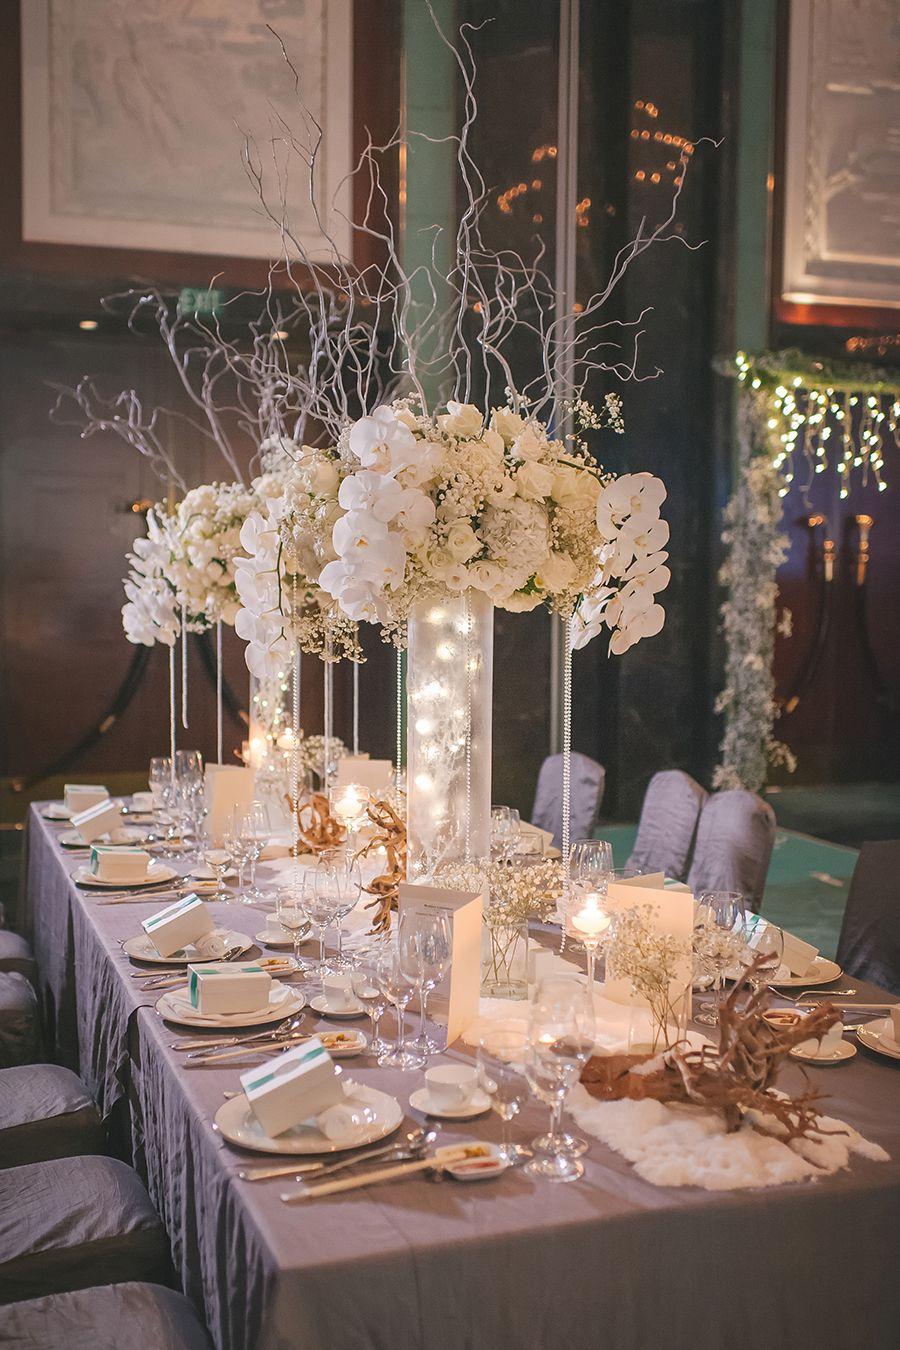 Desmond And Charlotte's Winter Wonderland Wedding At